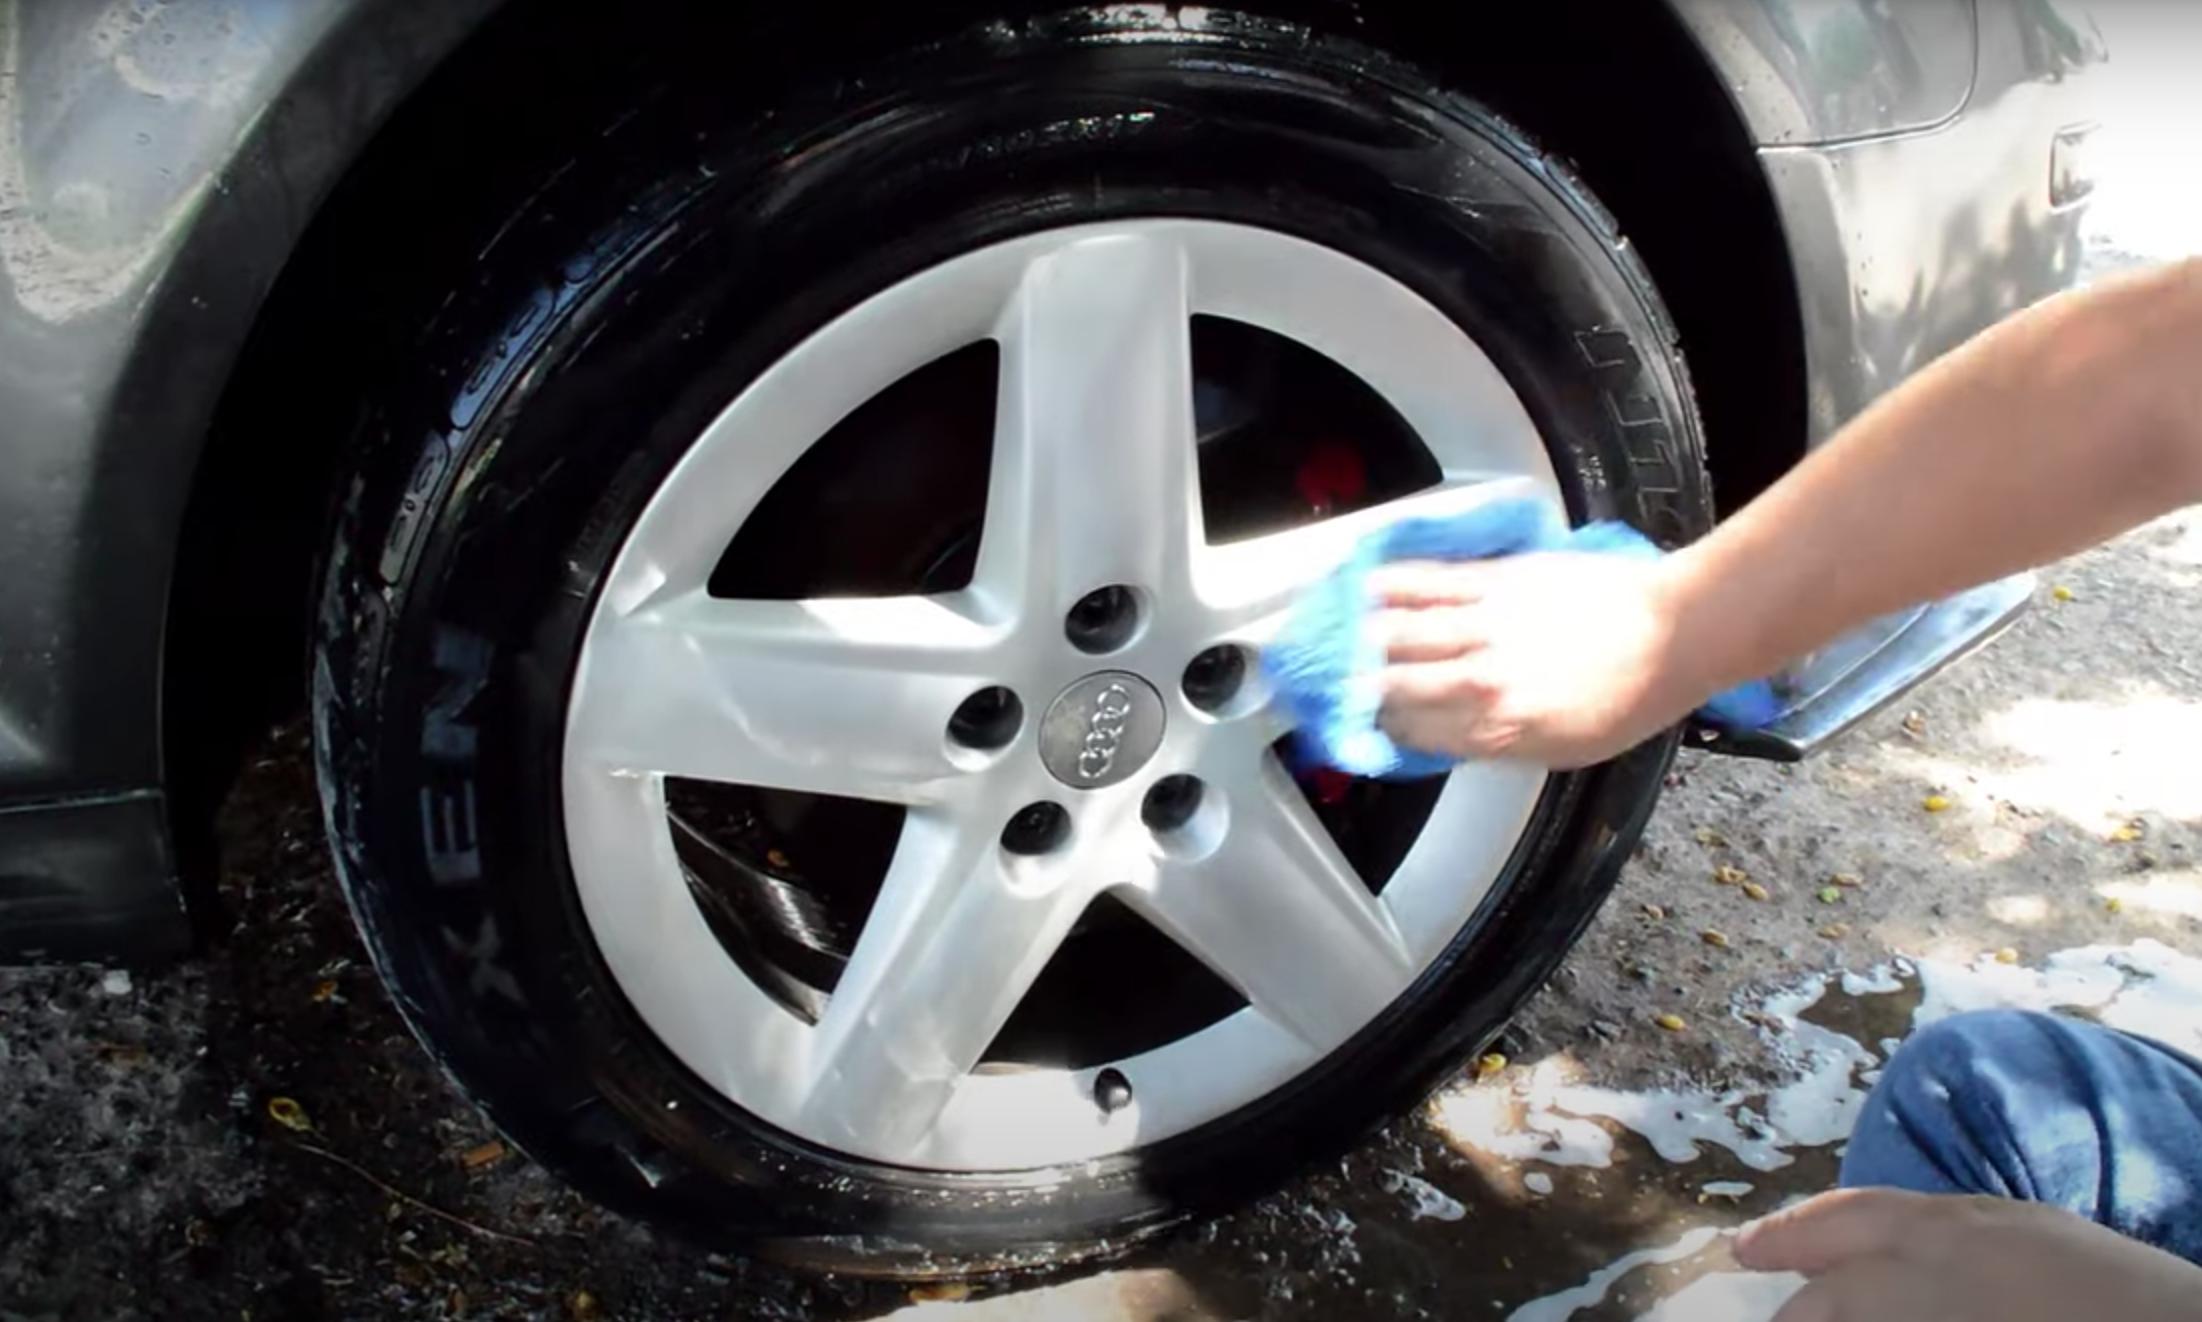 Cómo pulir y limpiar los rines del auto de una manera eficiente